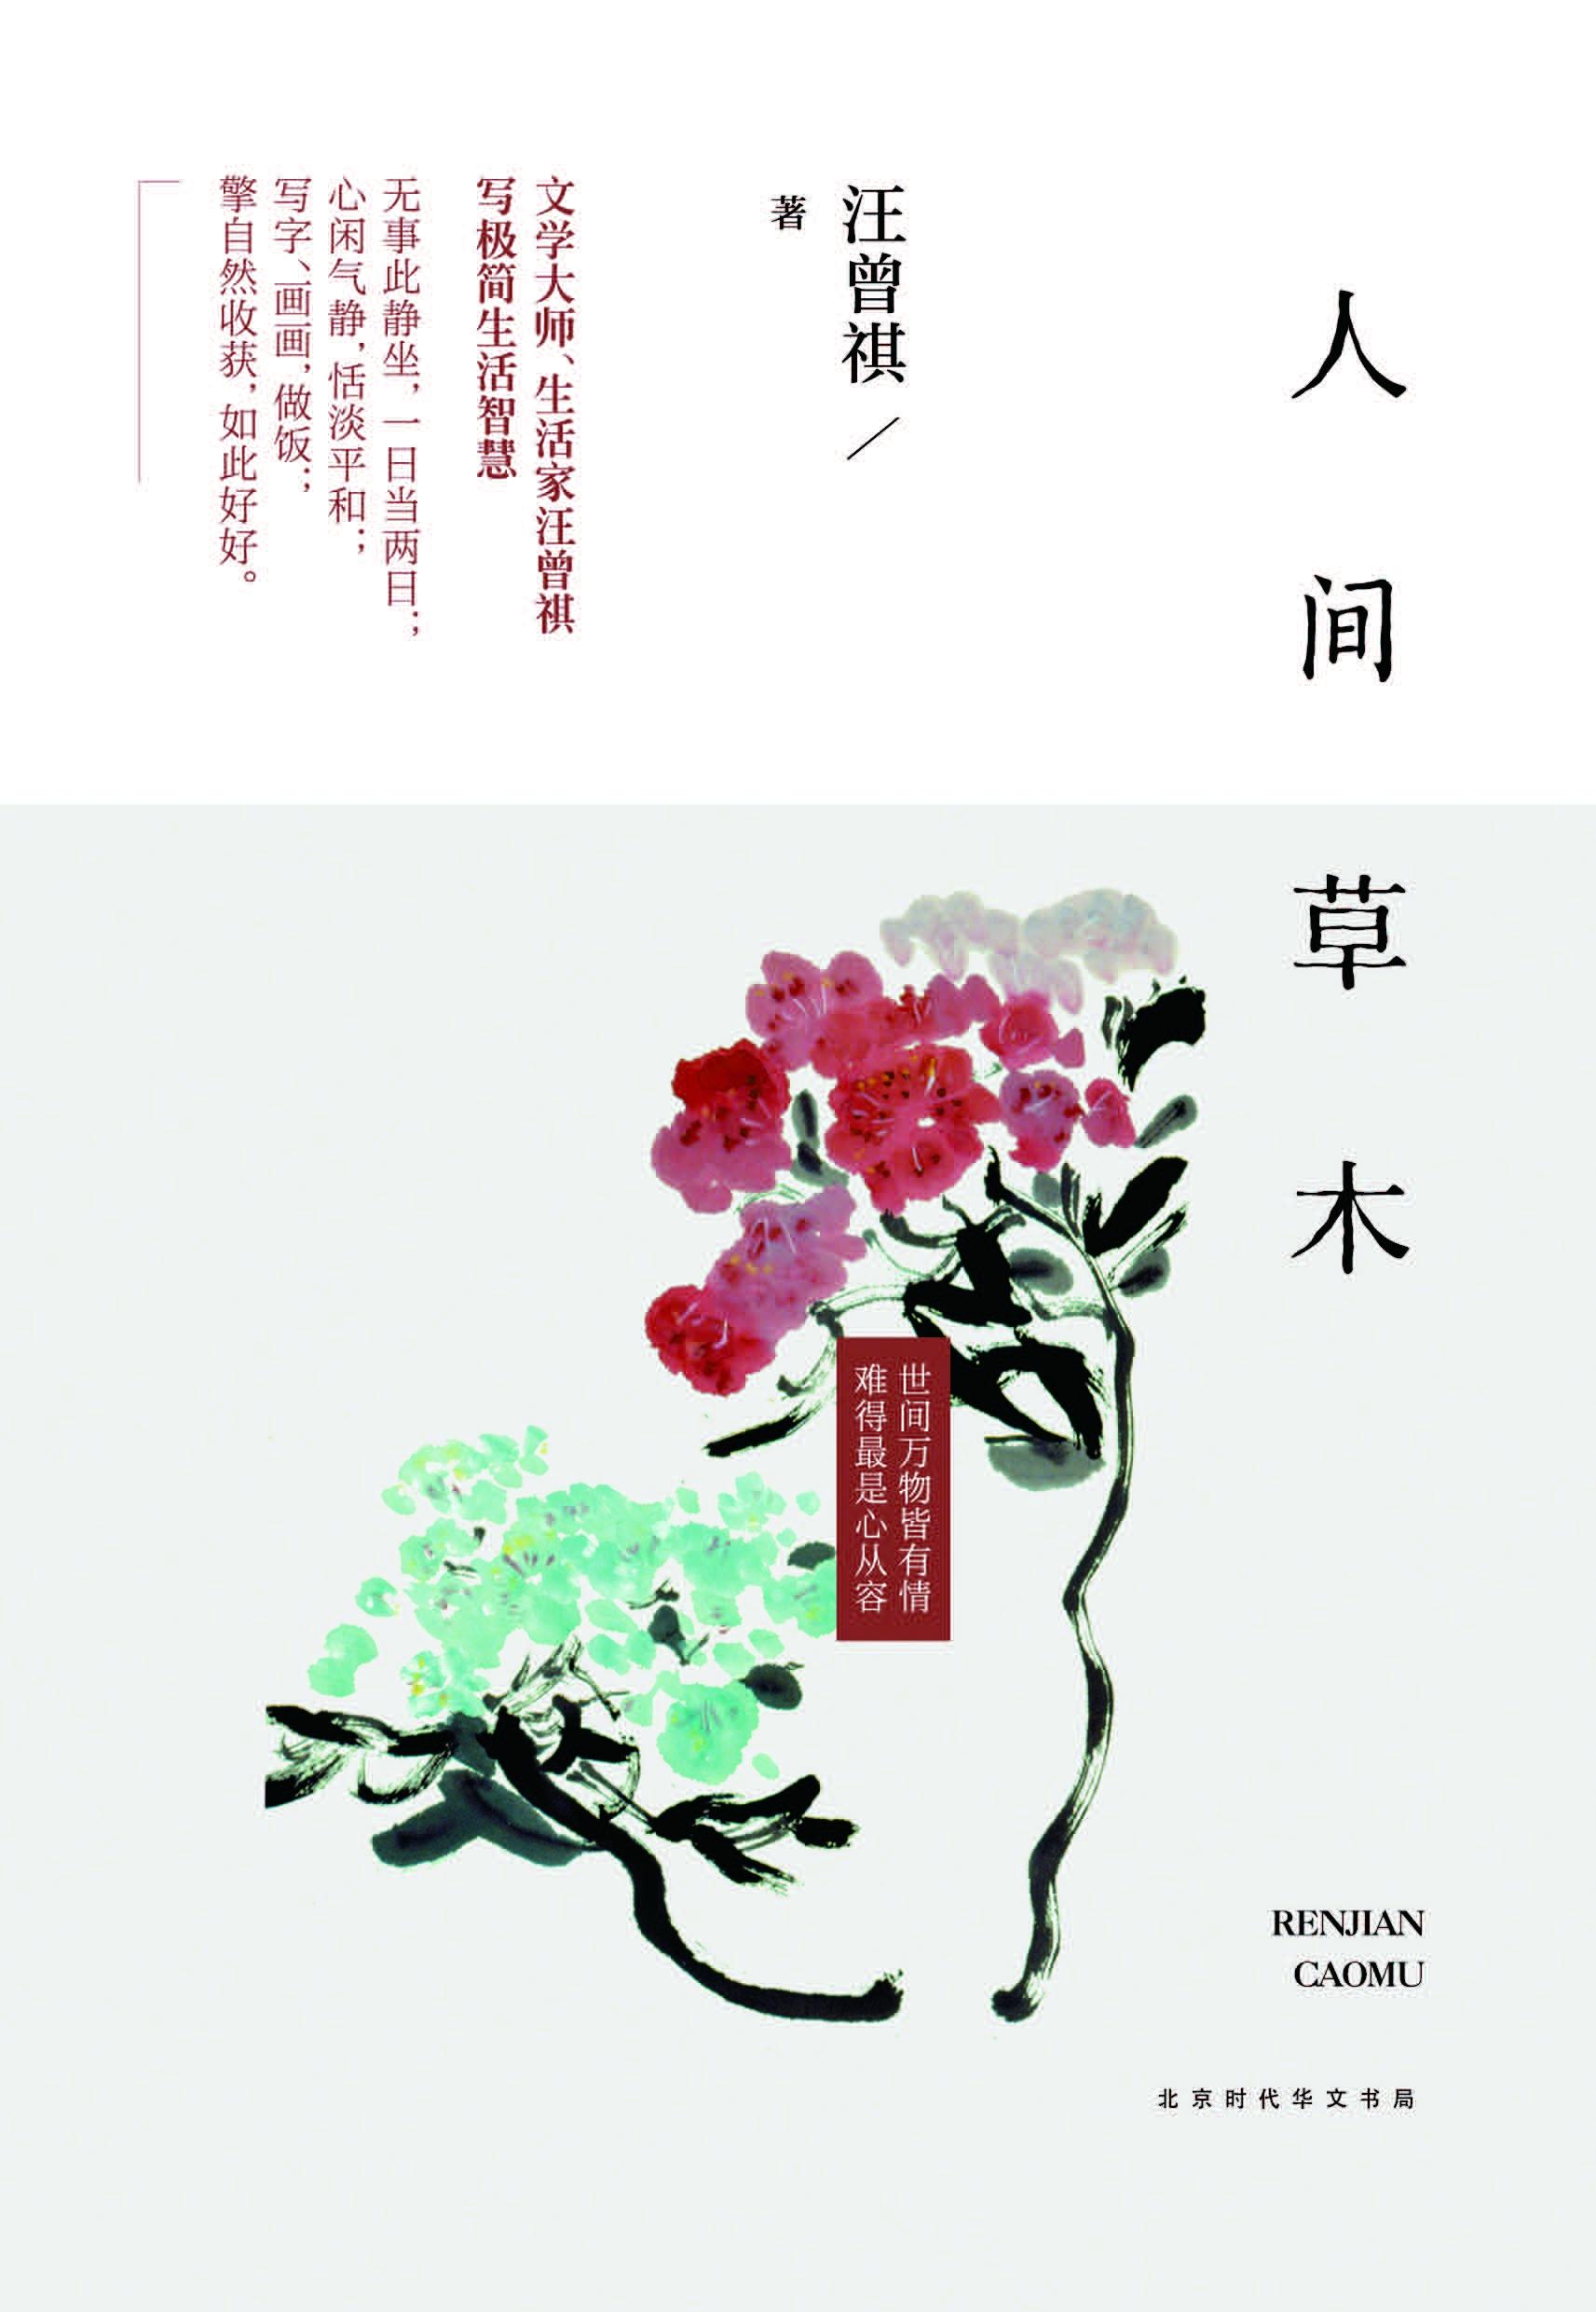 汪曾祺 人间草木 一起悦读 深圳 第30期